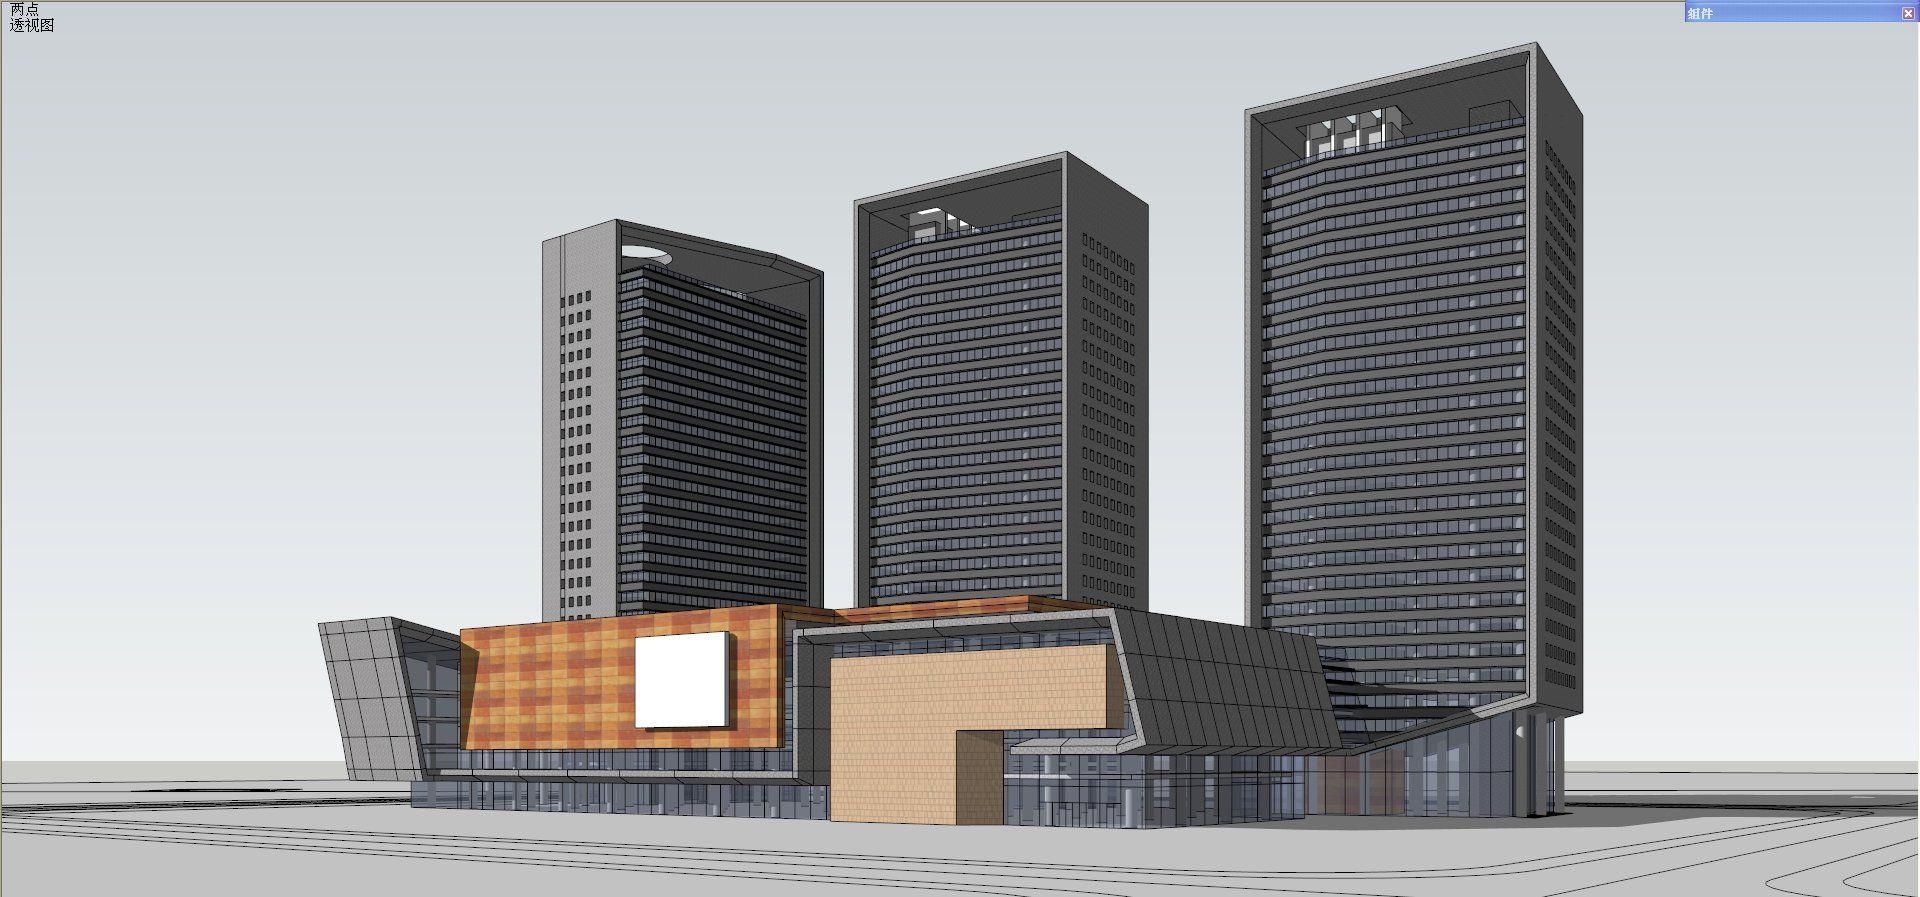 ☆Sketchup 3D Models-Large Scale City Sketchup Models 2